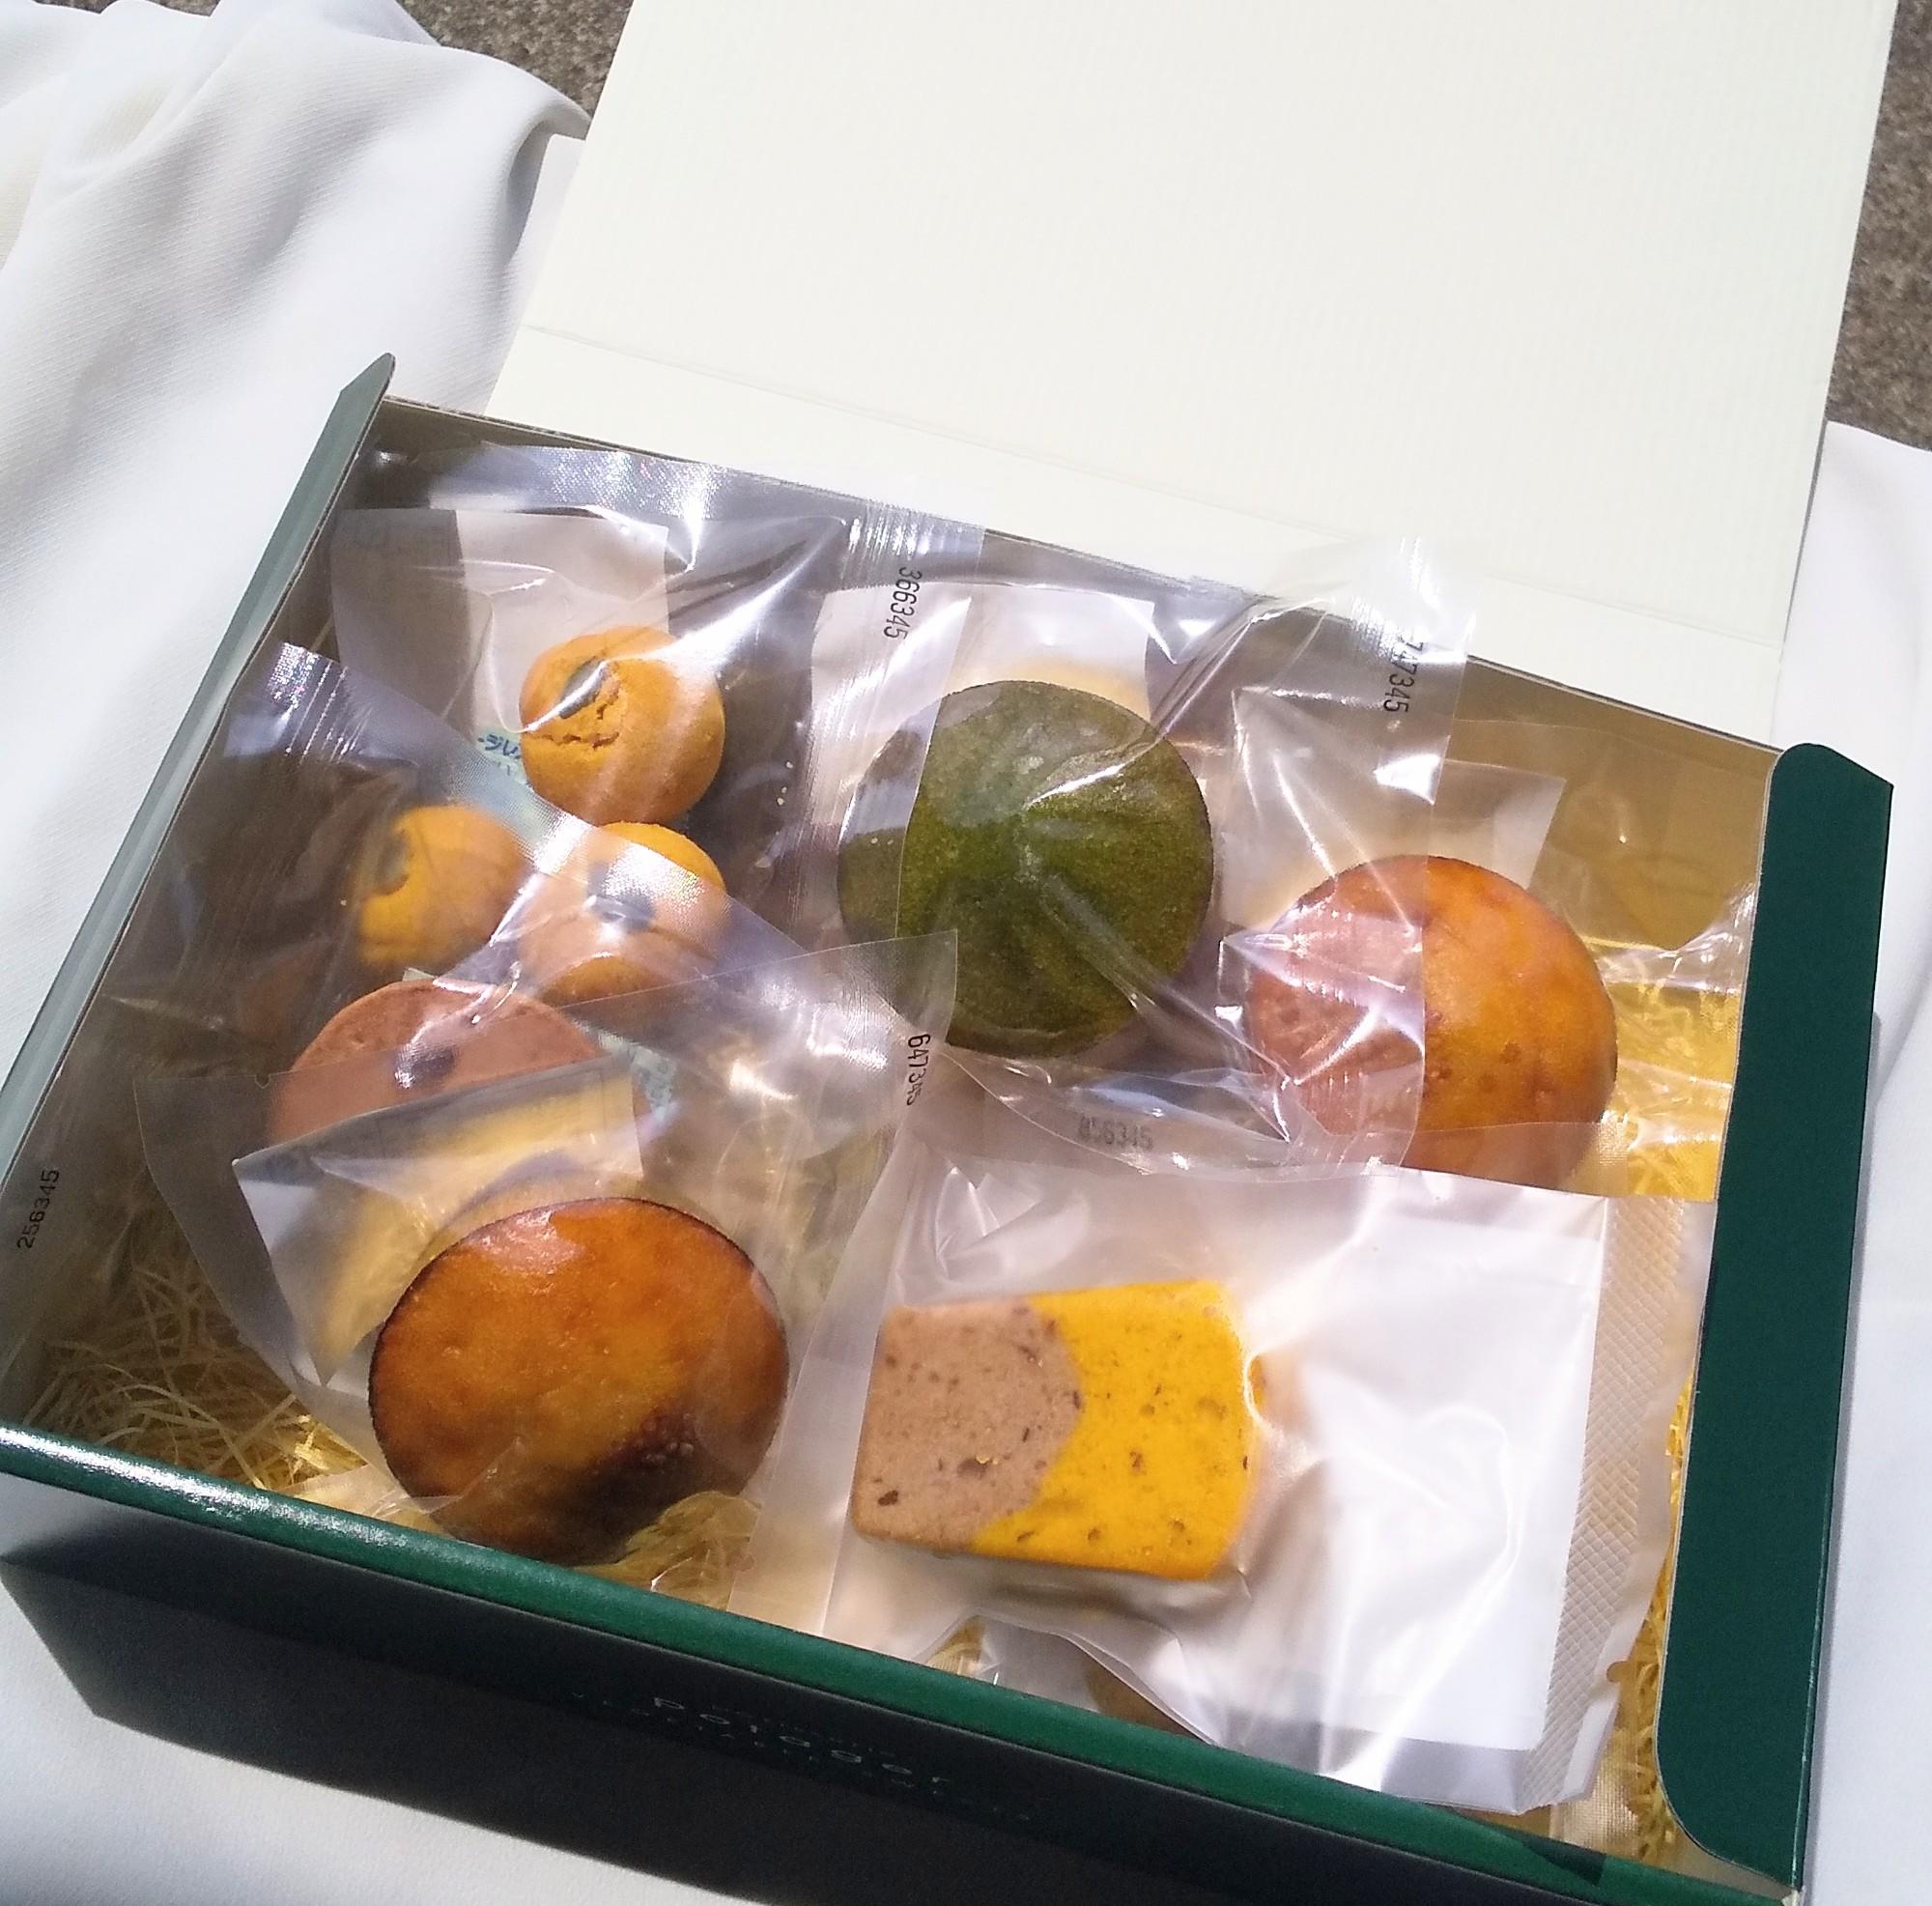 【身体が喜ぶ美味しいスイーツ】野菜を使った優しい甘さのpotager_1